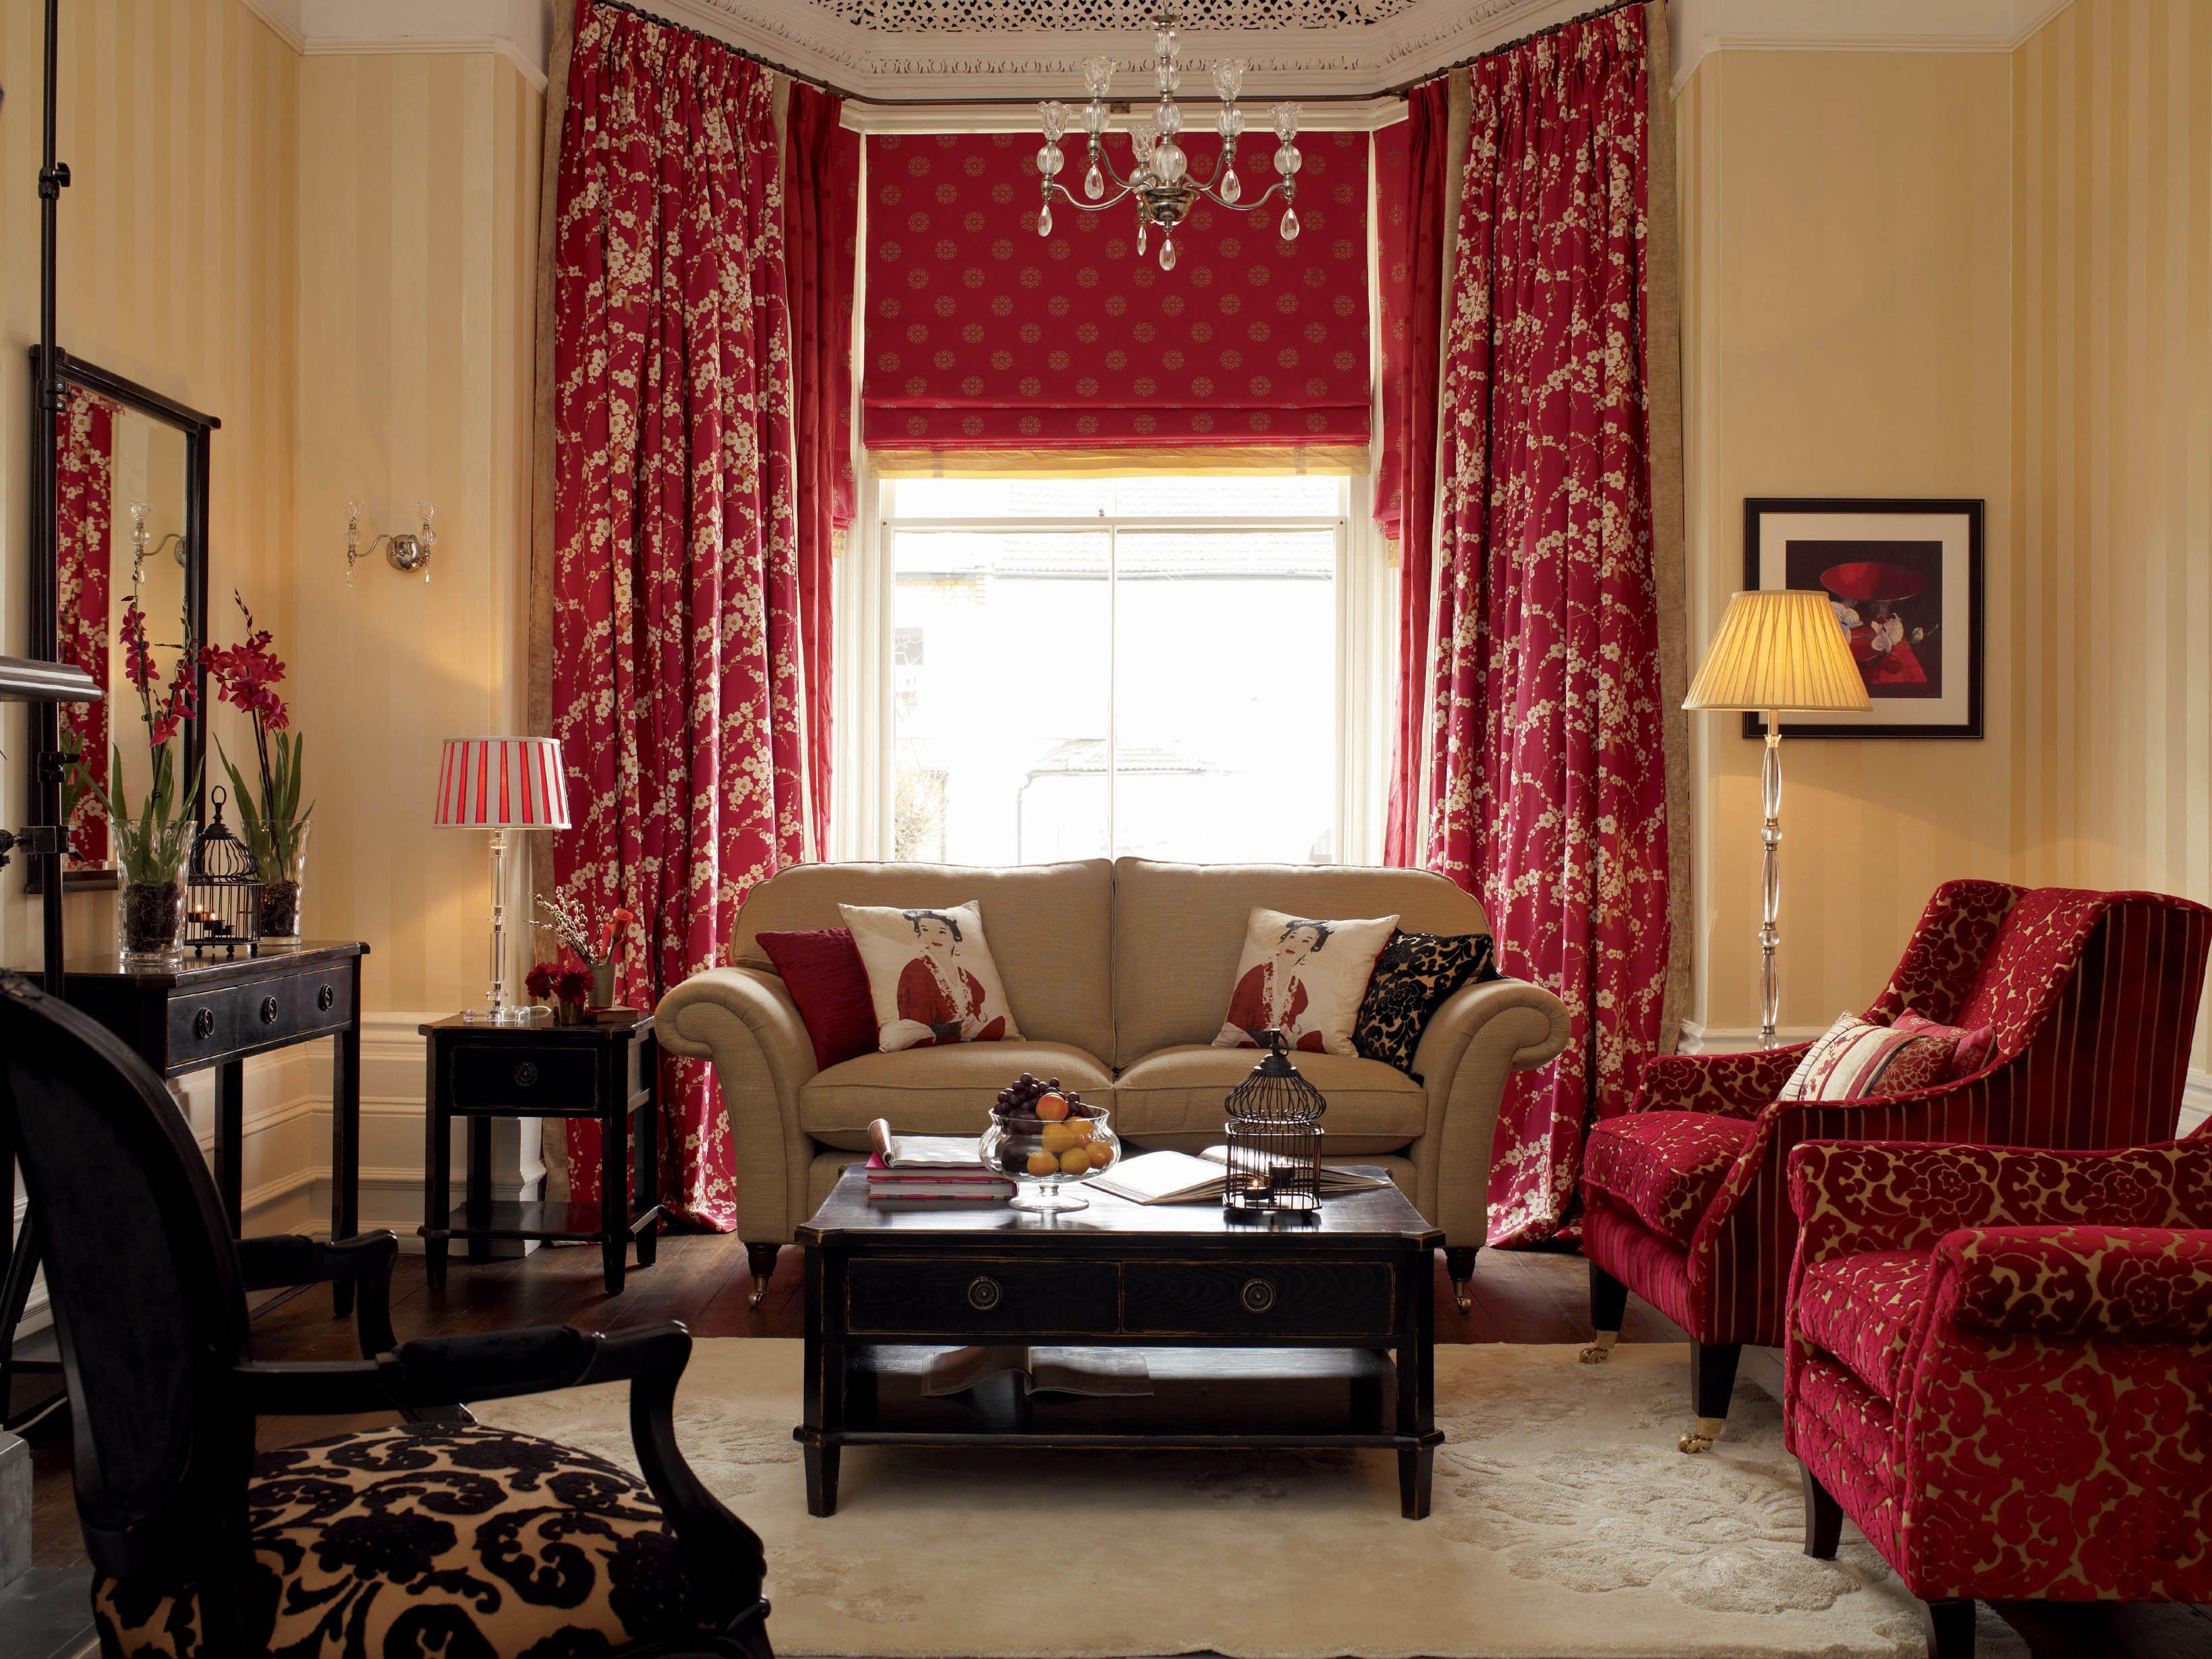 Заканчиваем ремонт: тонкости выбора мебели и штор